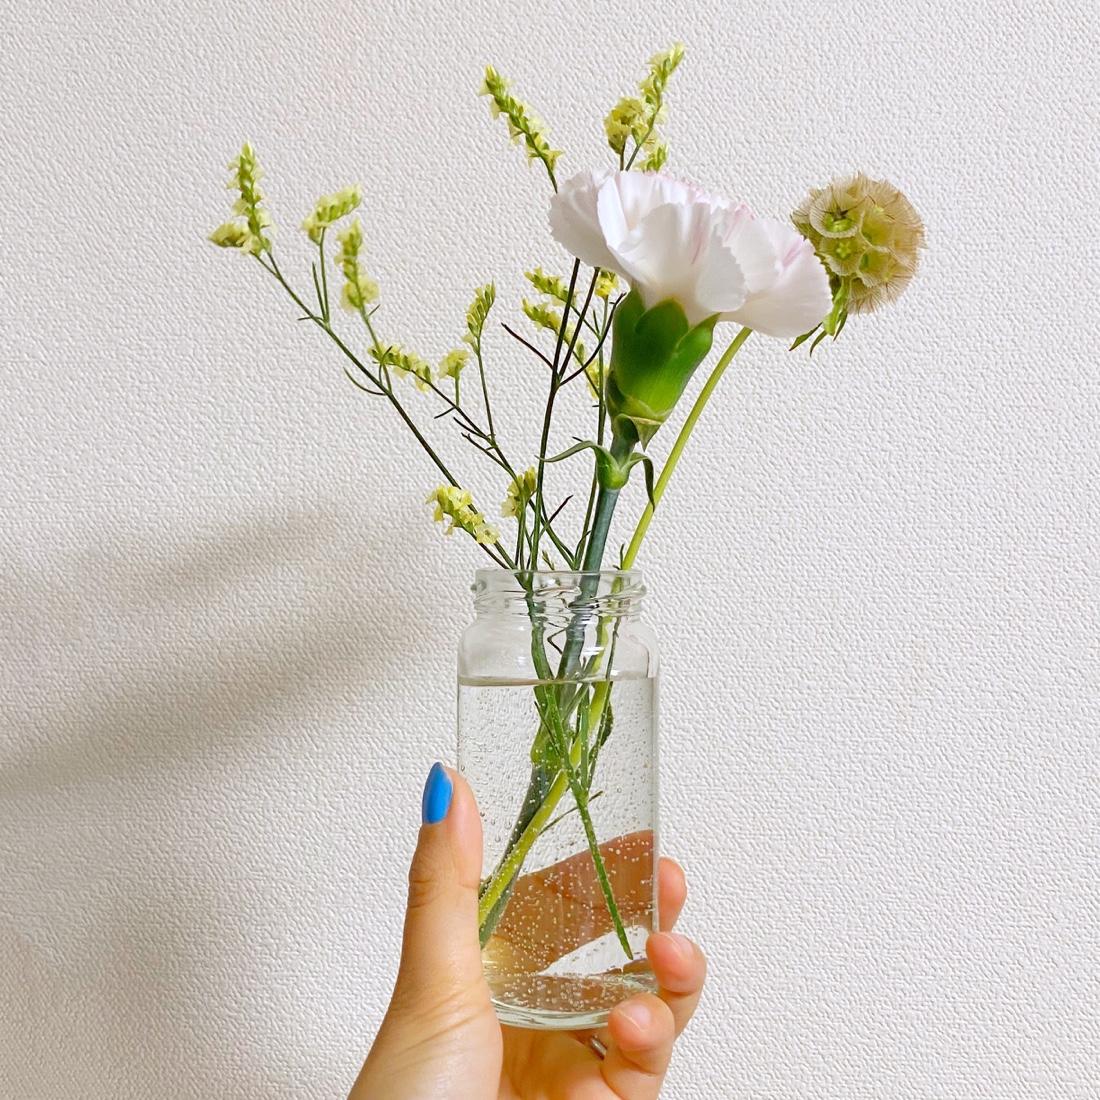 水揚げしてしばらく経ったお花